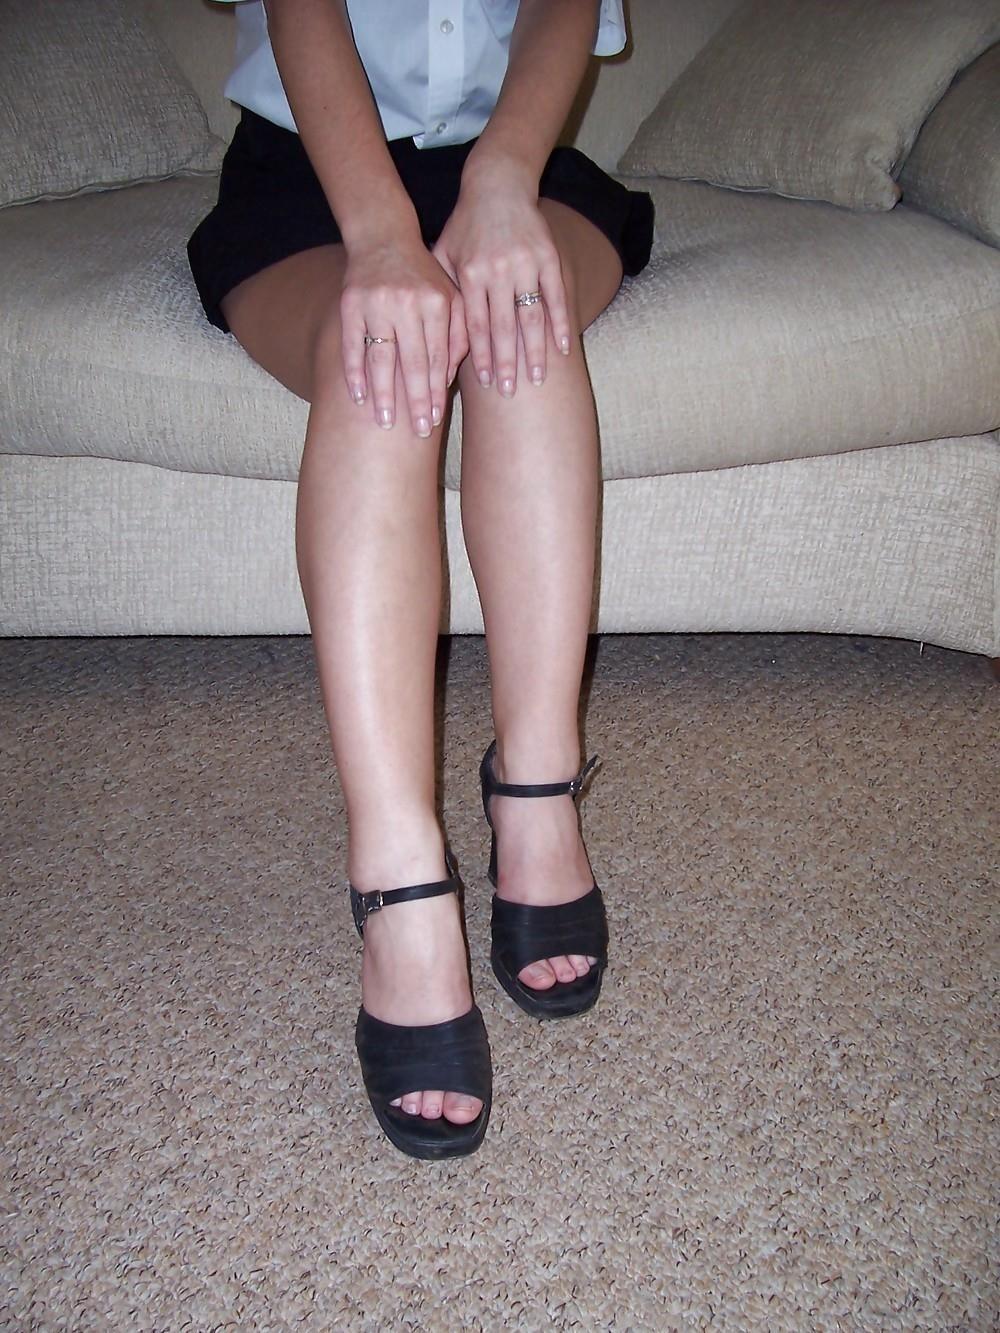 Schoolgirl feet porn-5442